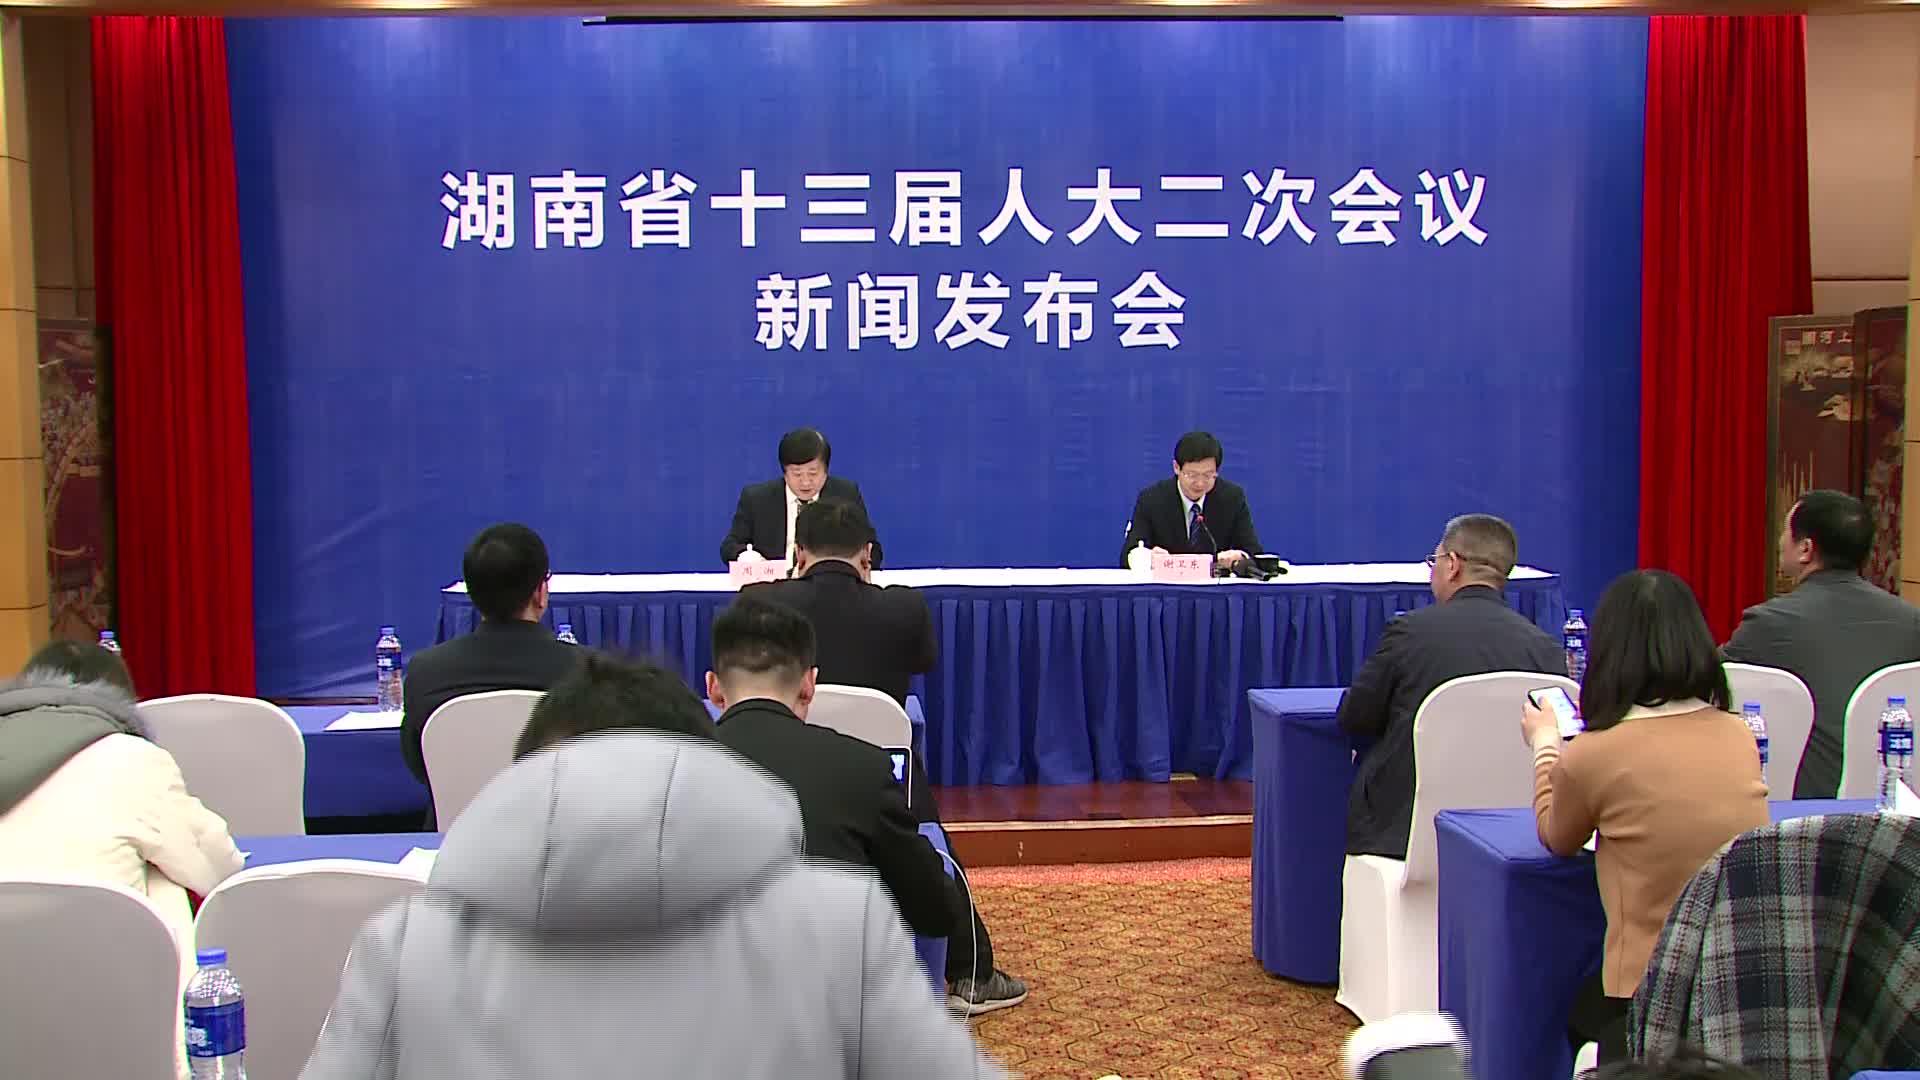 【全程回放】湖南省十三届人大二次会议新闻发布会